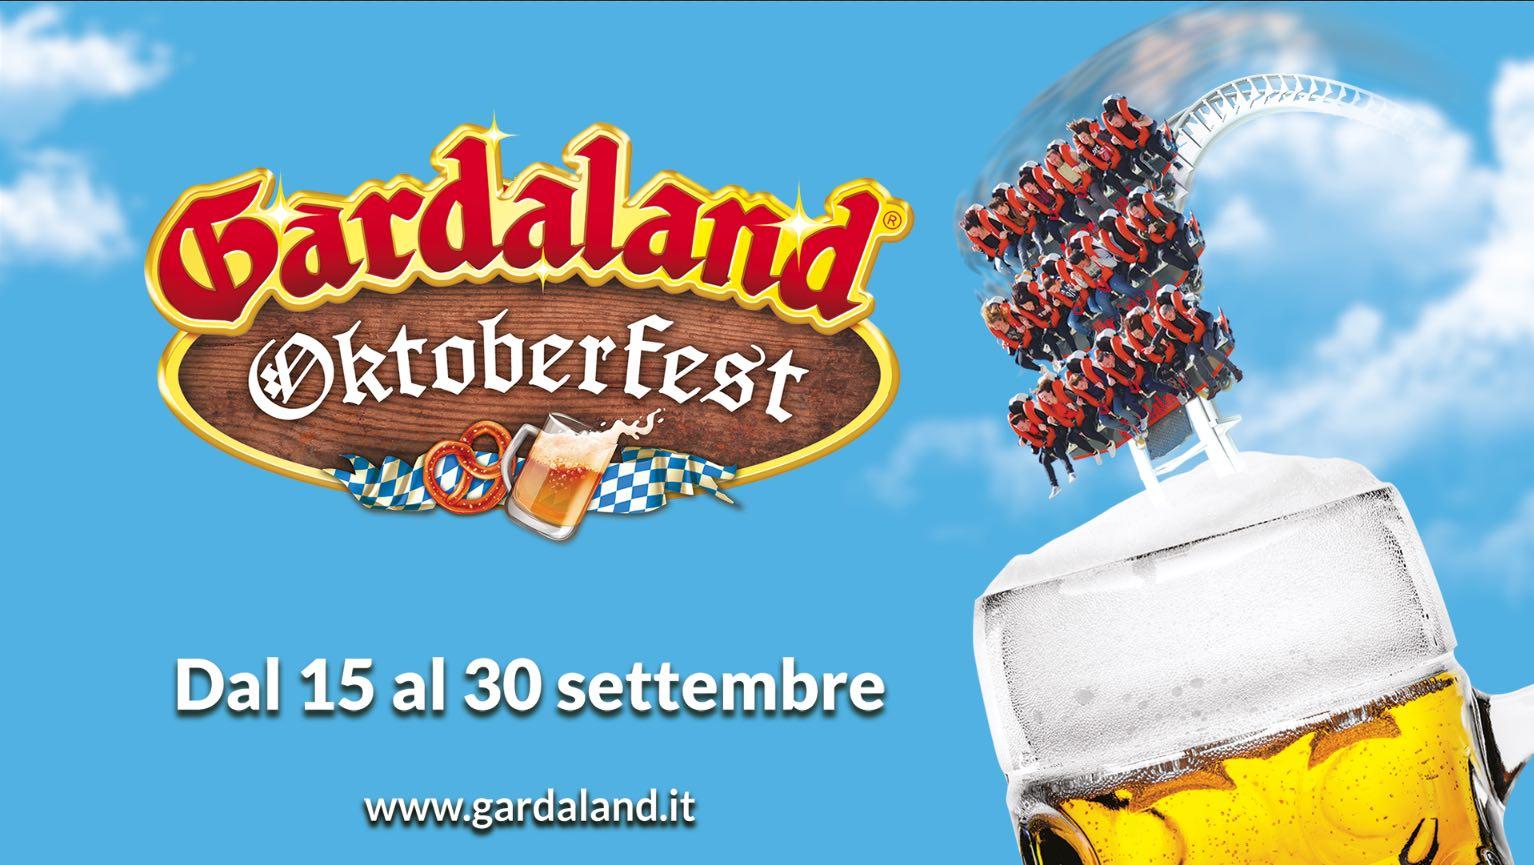 Gardaland Calendario 2020.Gardaland Oktoberfest Carnet Verona Carnet Verona